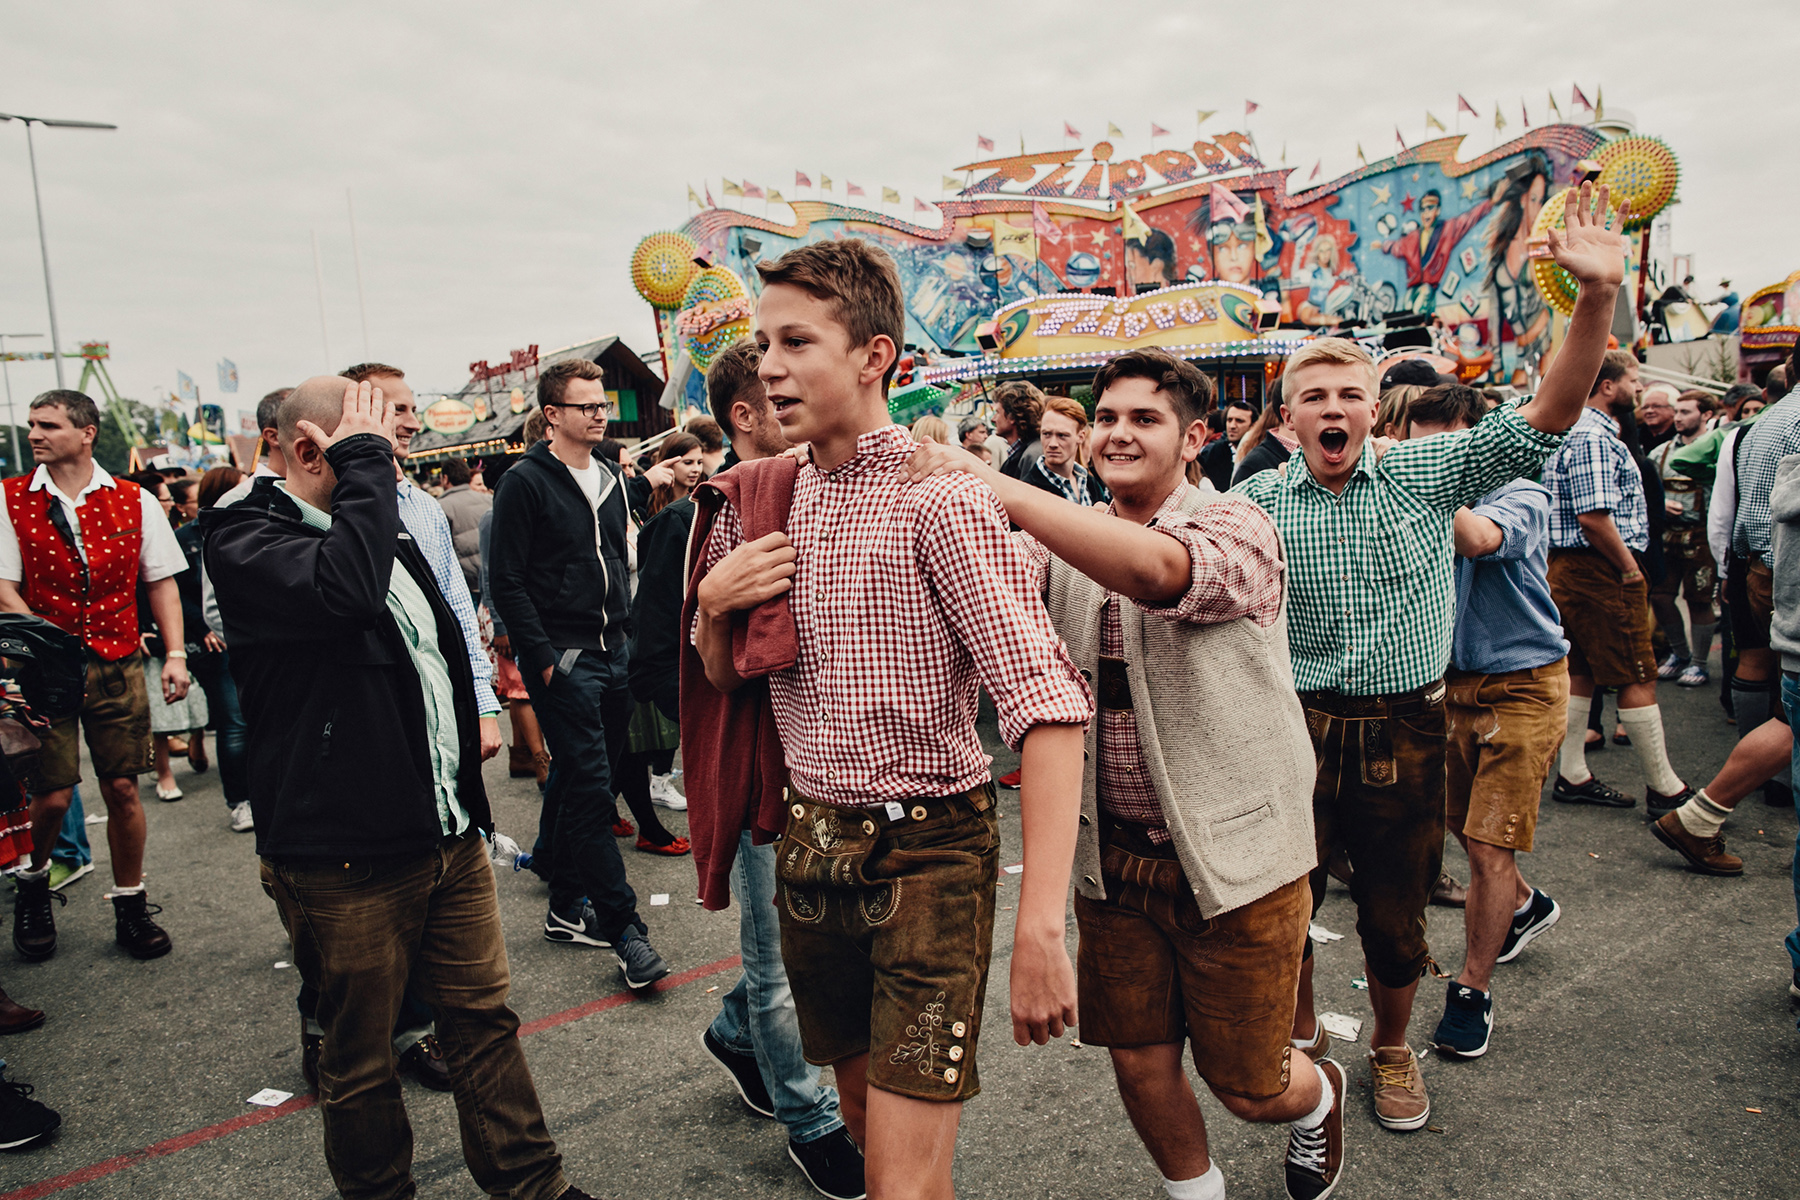 Oktoberfest-Photographs-Munich-0005.jpg